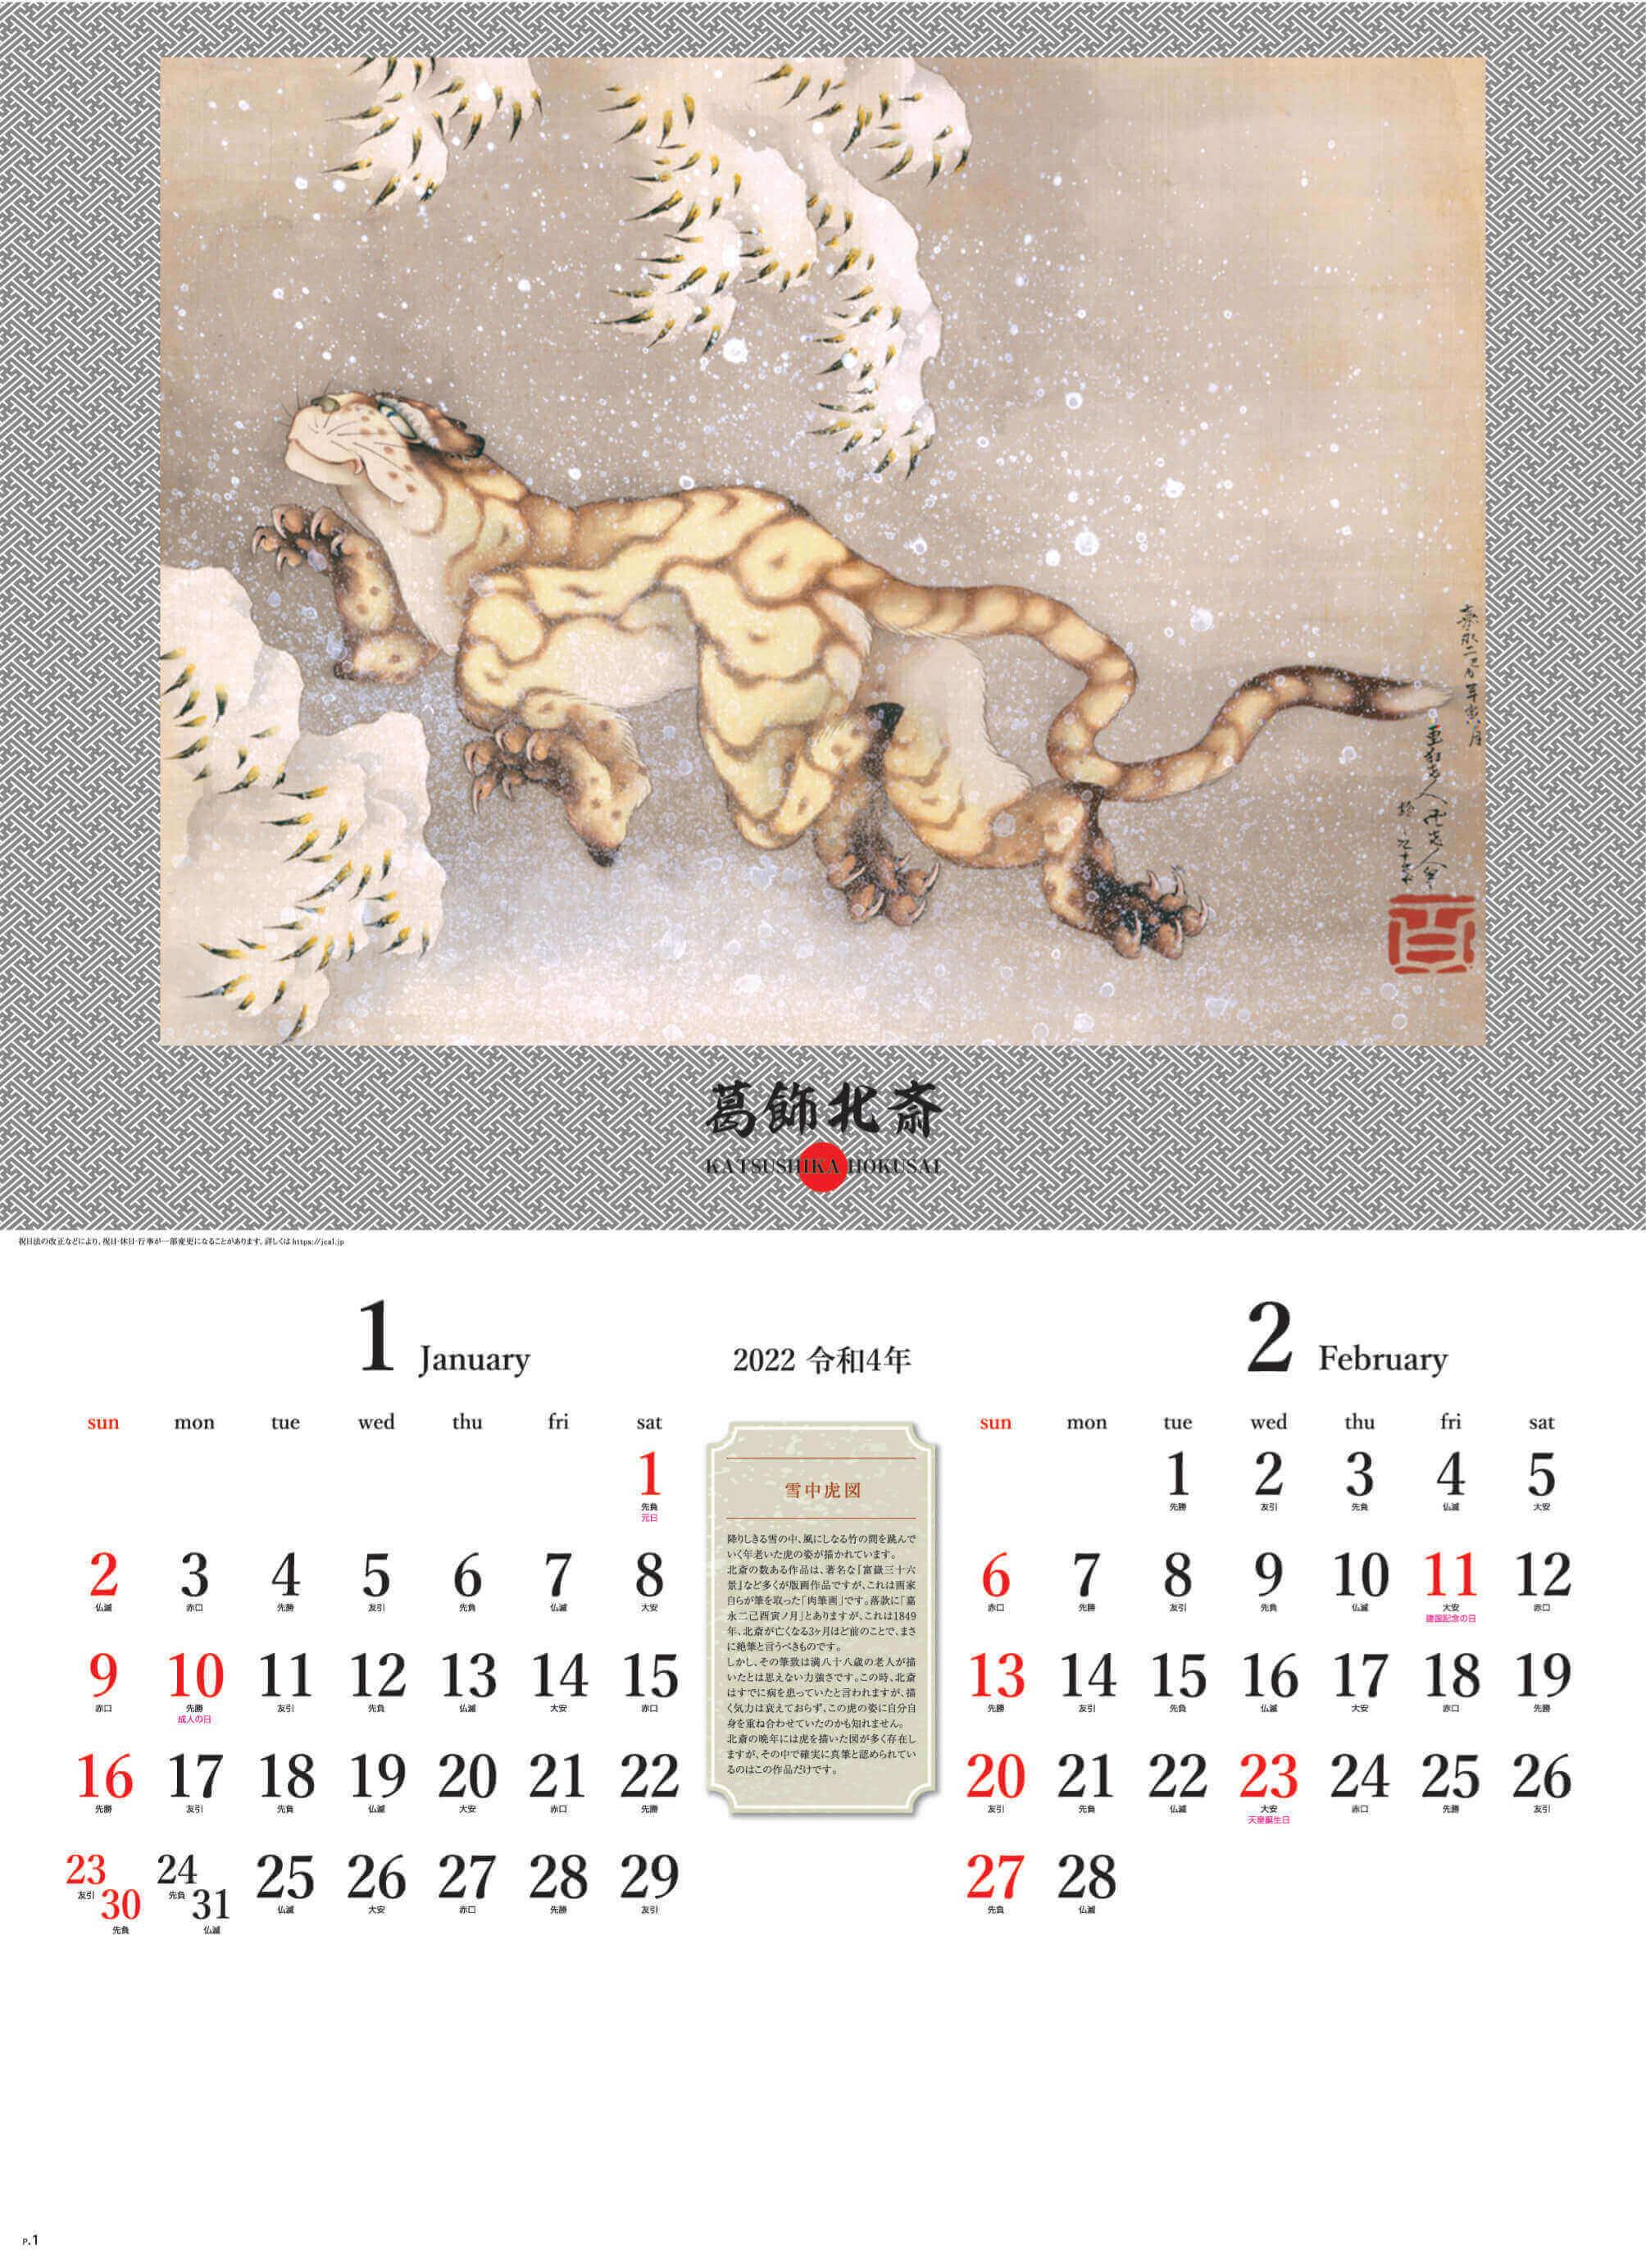 1−2月 雪中虎図 葛飾北斎 2022年カレンダーの画像